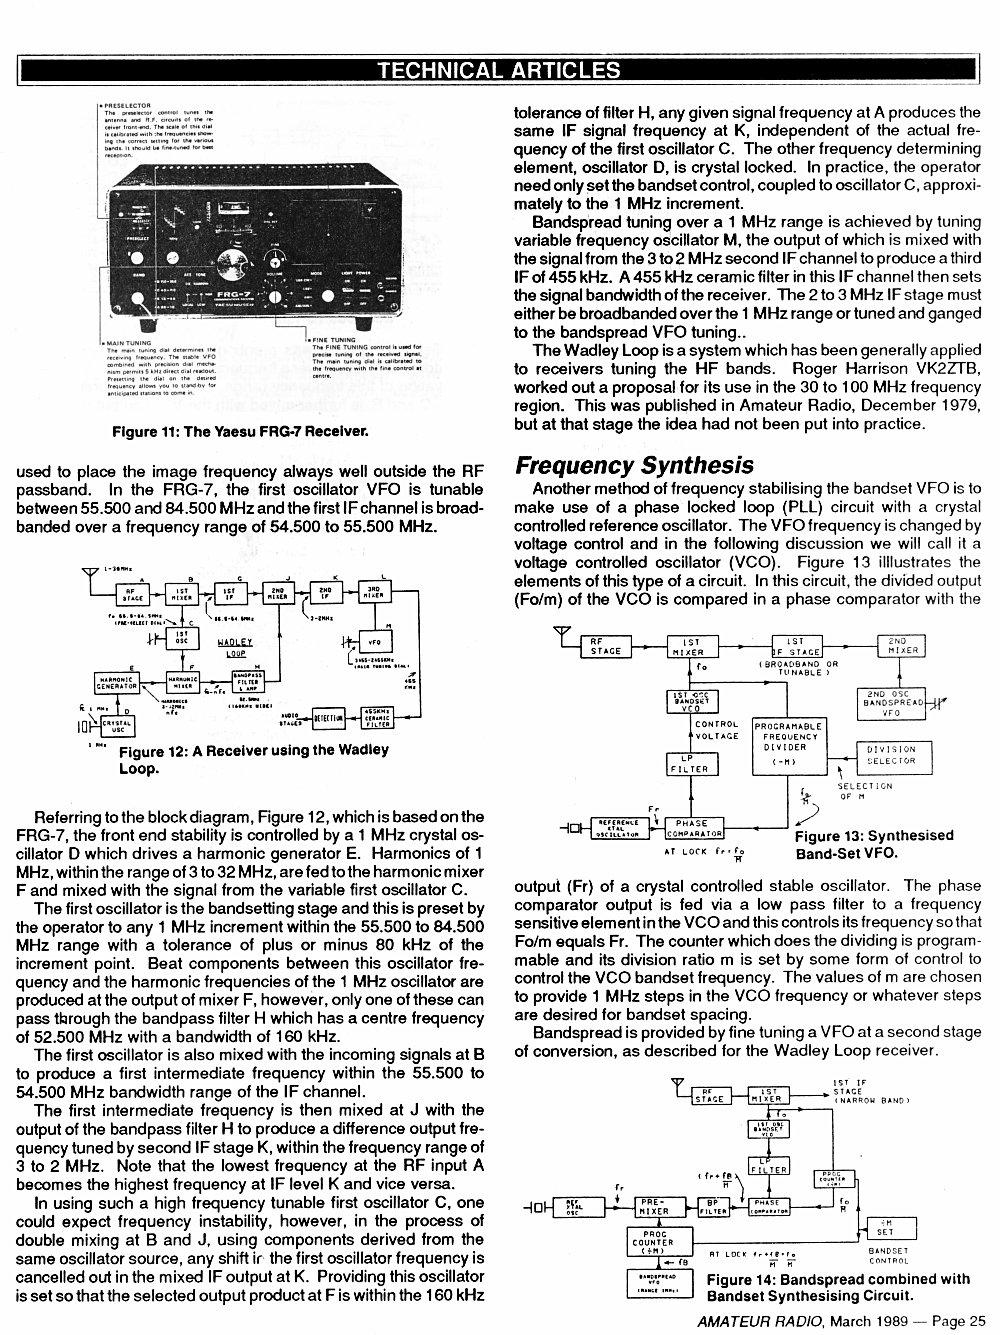 Amateur Radio Magazine Frg 7 Circuit Diagram March